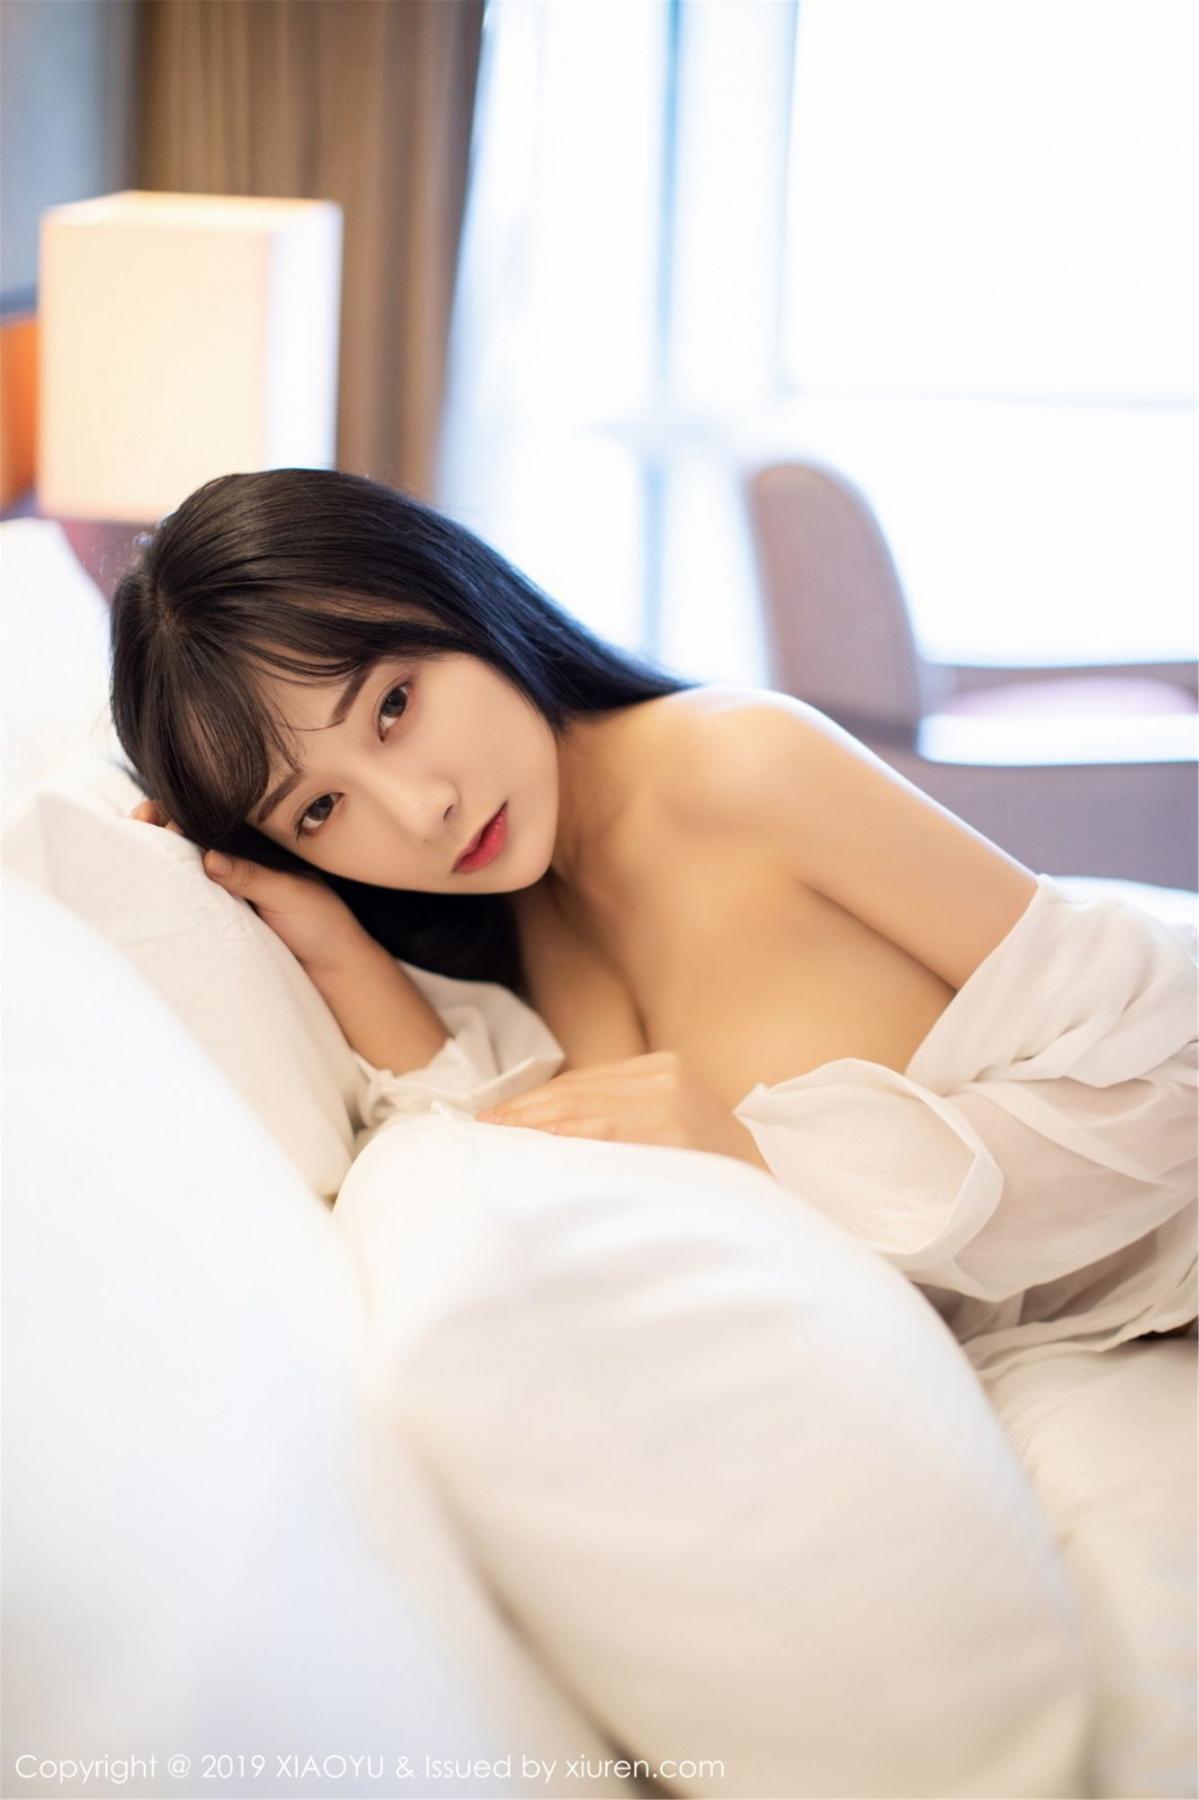 [XiaoYu] Vol.076 He Jia Ying 34P, He Jia Ying, Underwear, XiaoYu